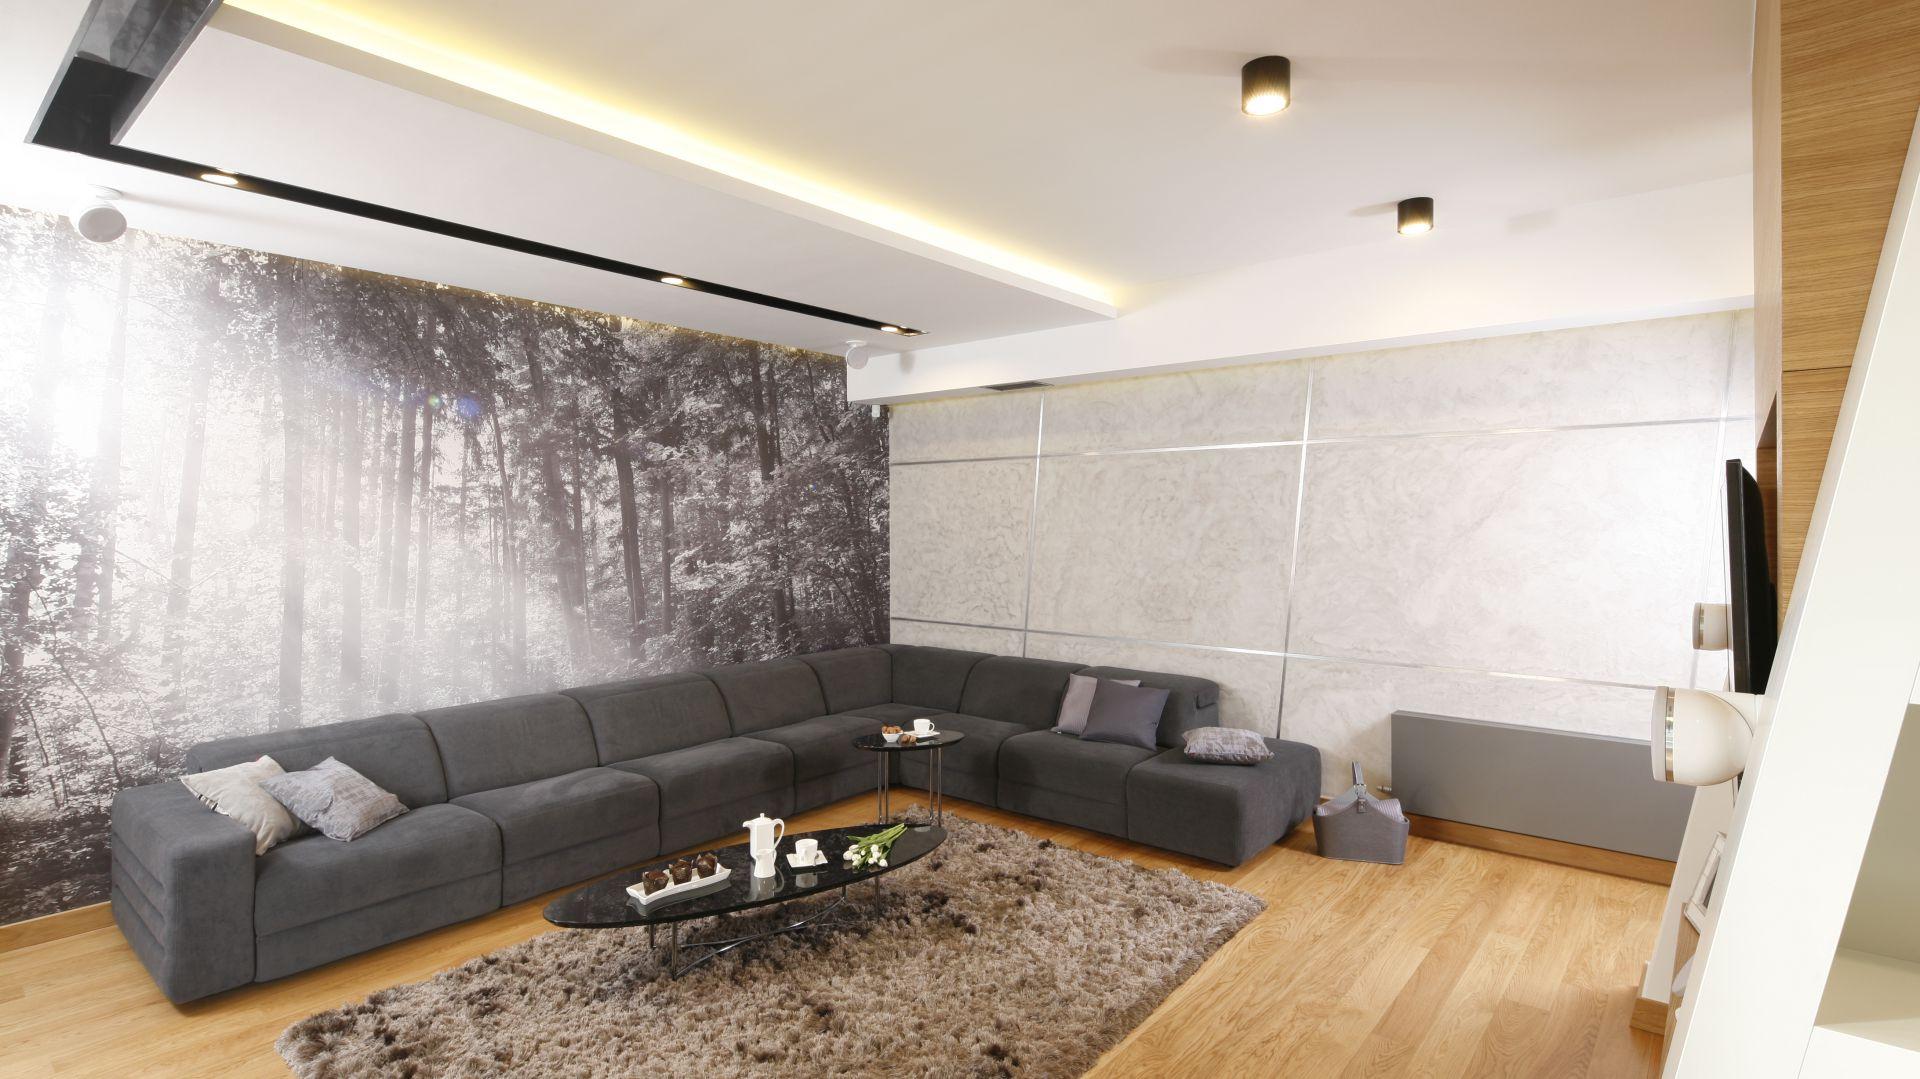 Aranżacja ściany w salonie. Projekt: Monika i Adam Bronikowscy. Fot. Bartosz Jarosz